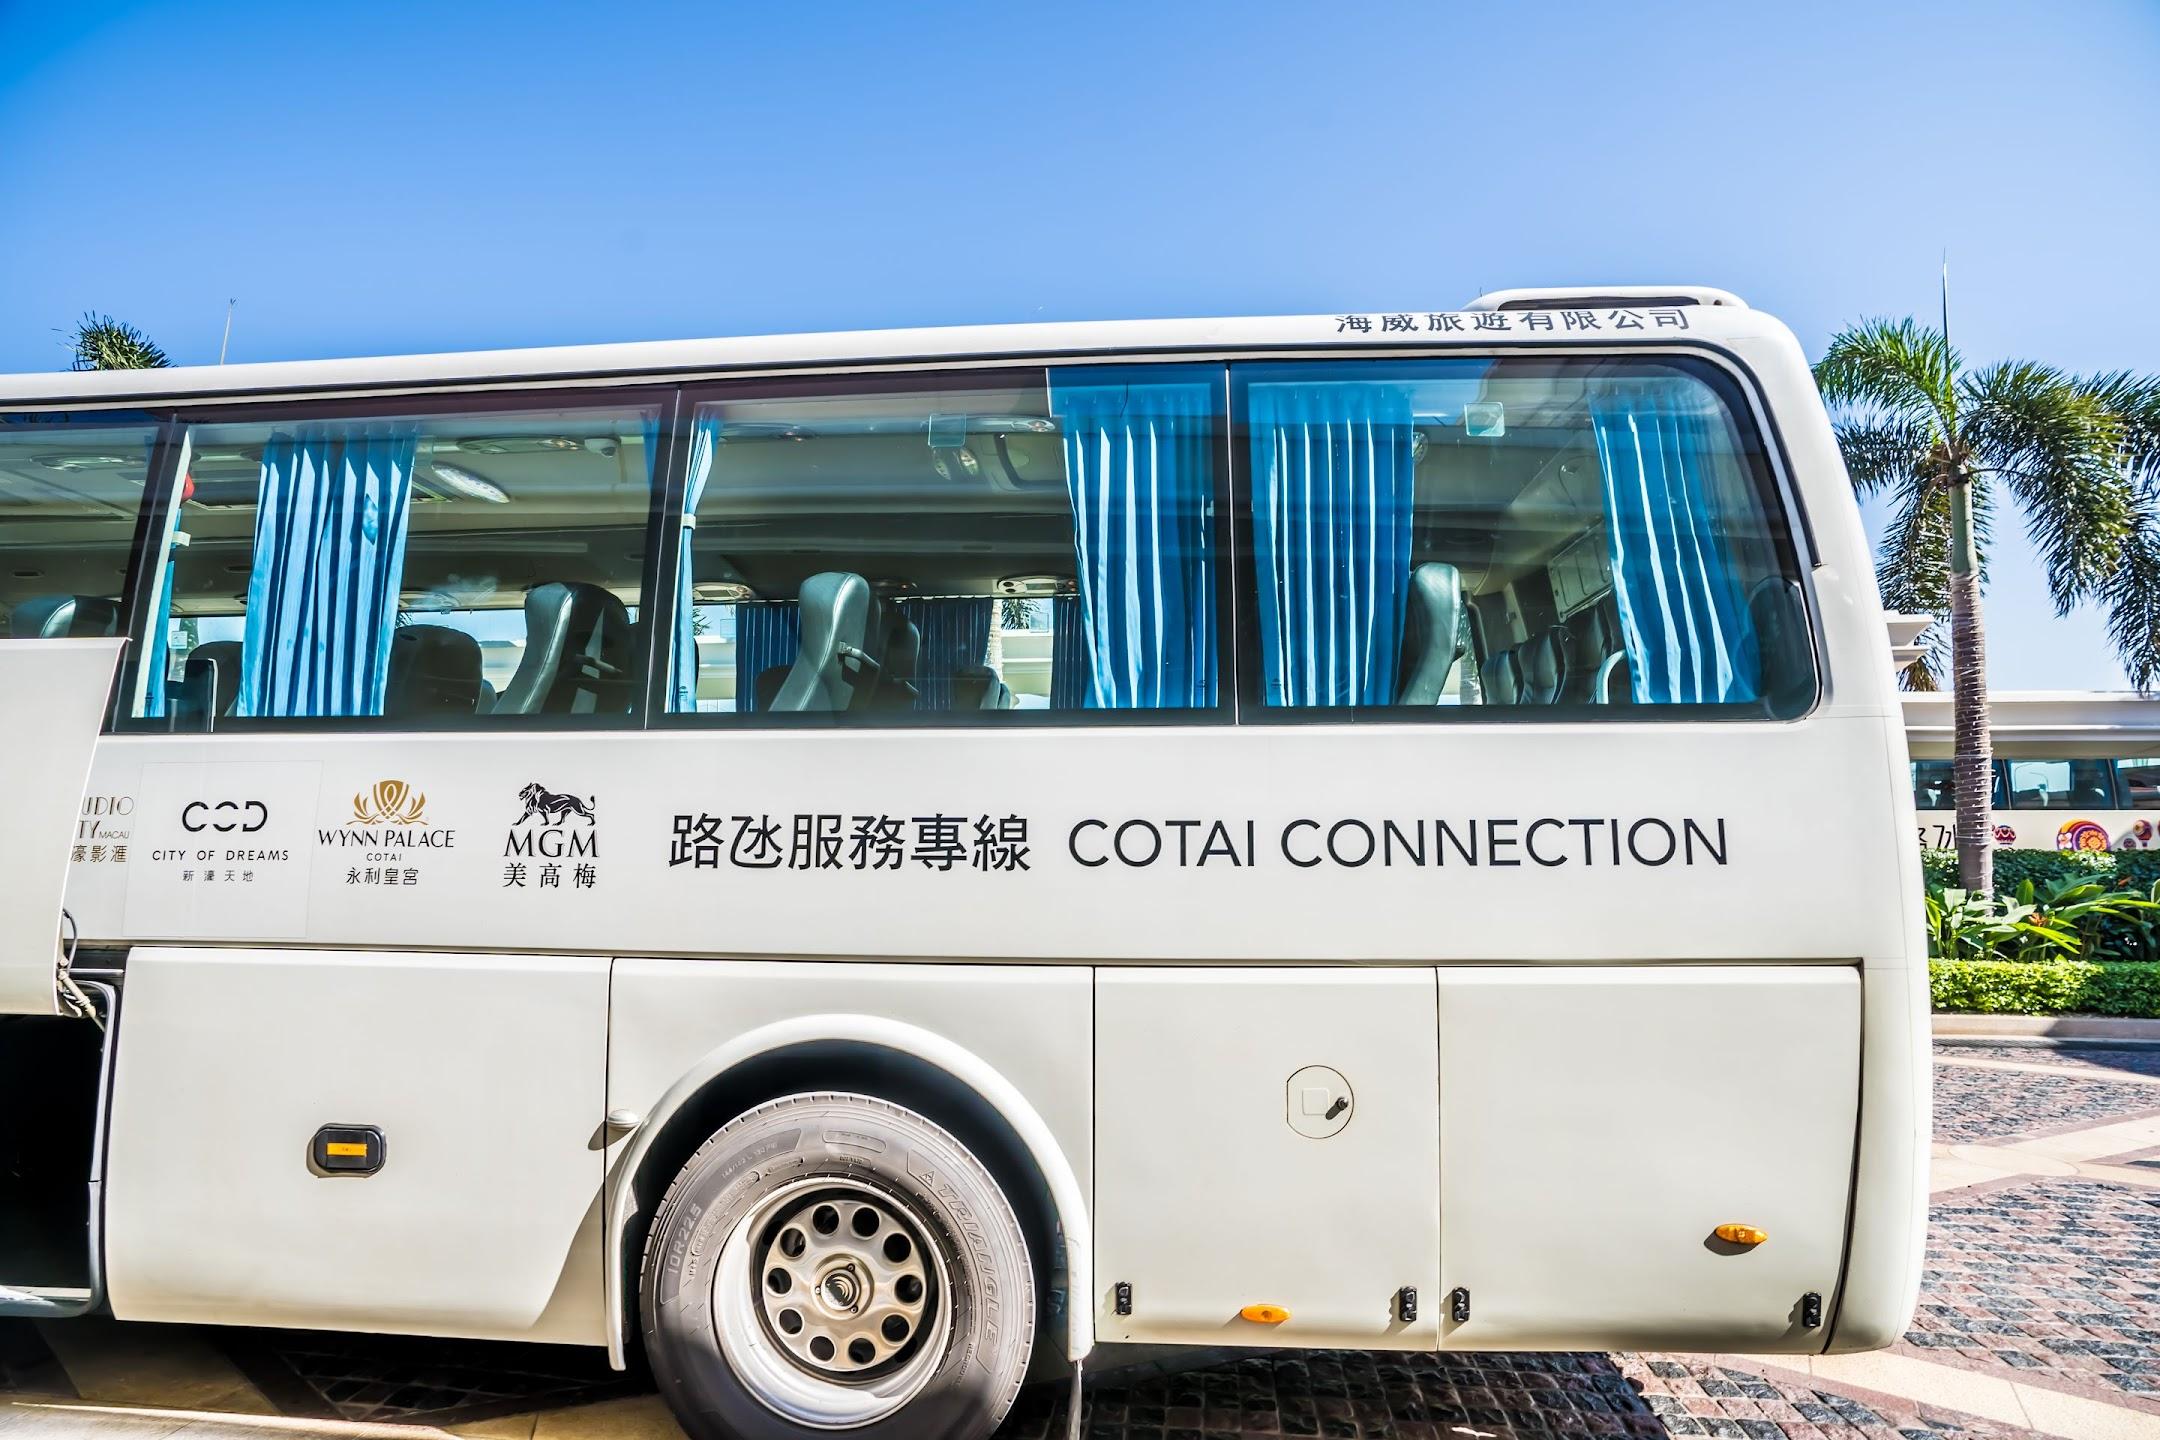 マカオ コタイ・コネクション(Cotai Connection)